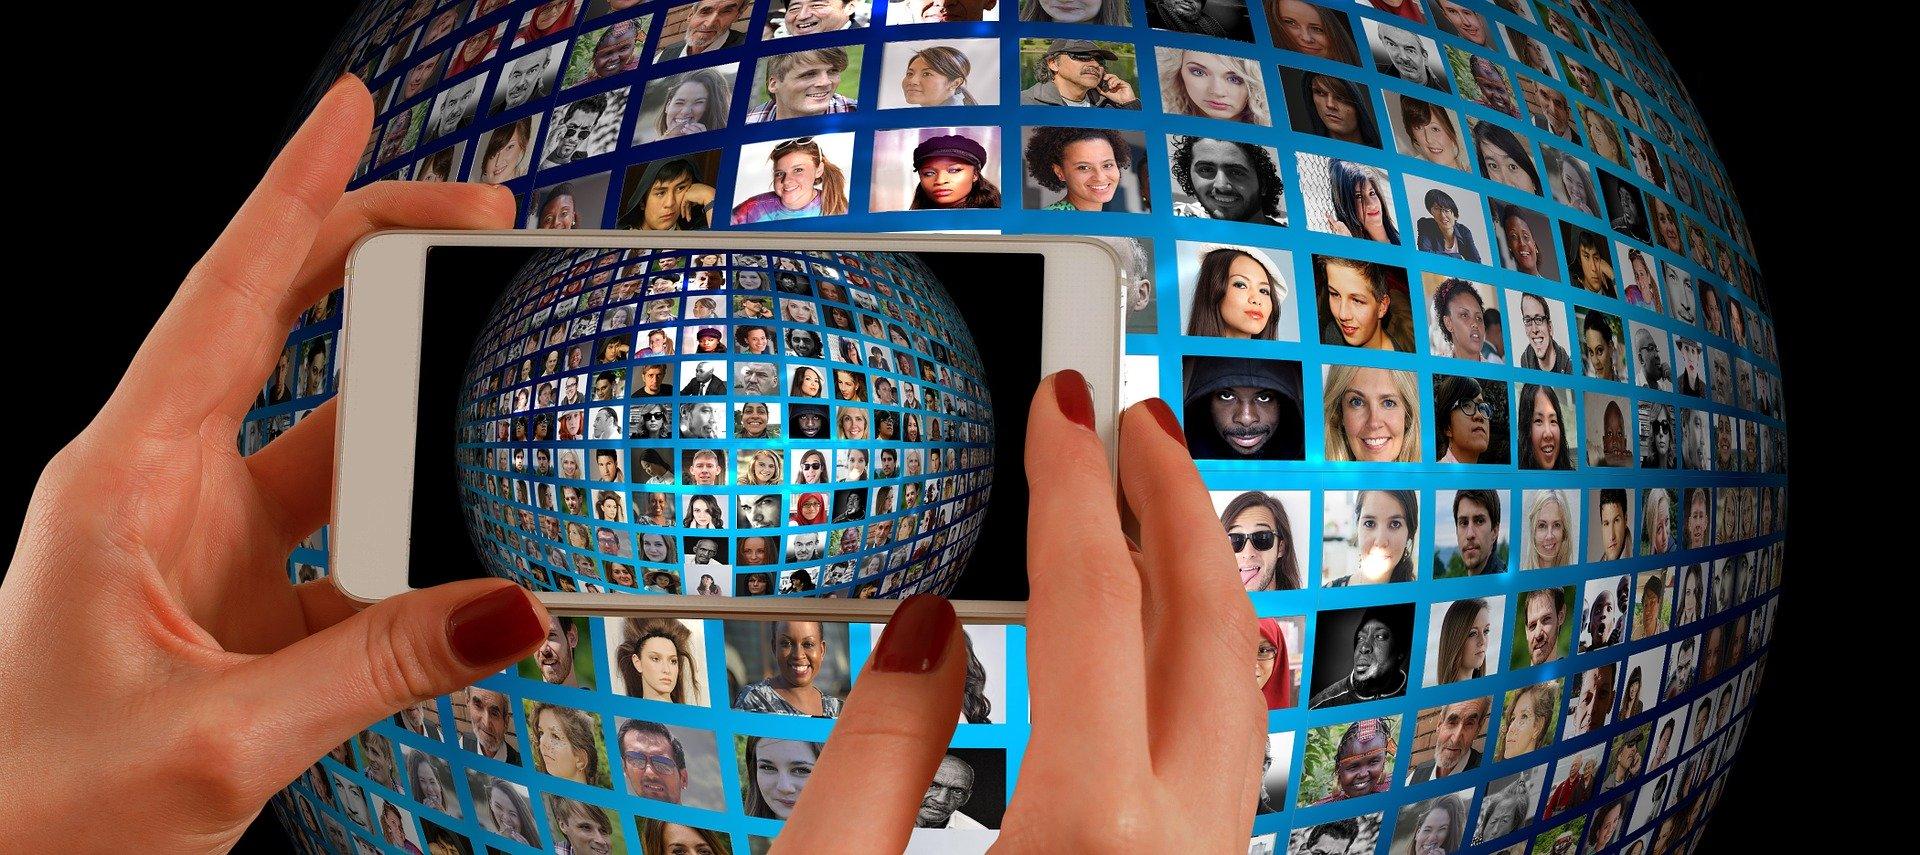 Desempenho de empresas que usam dados analíticos é 20 vezes superior na atracção de consumidores